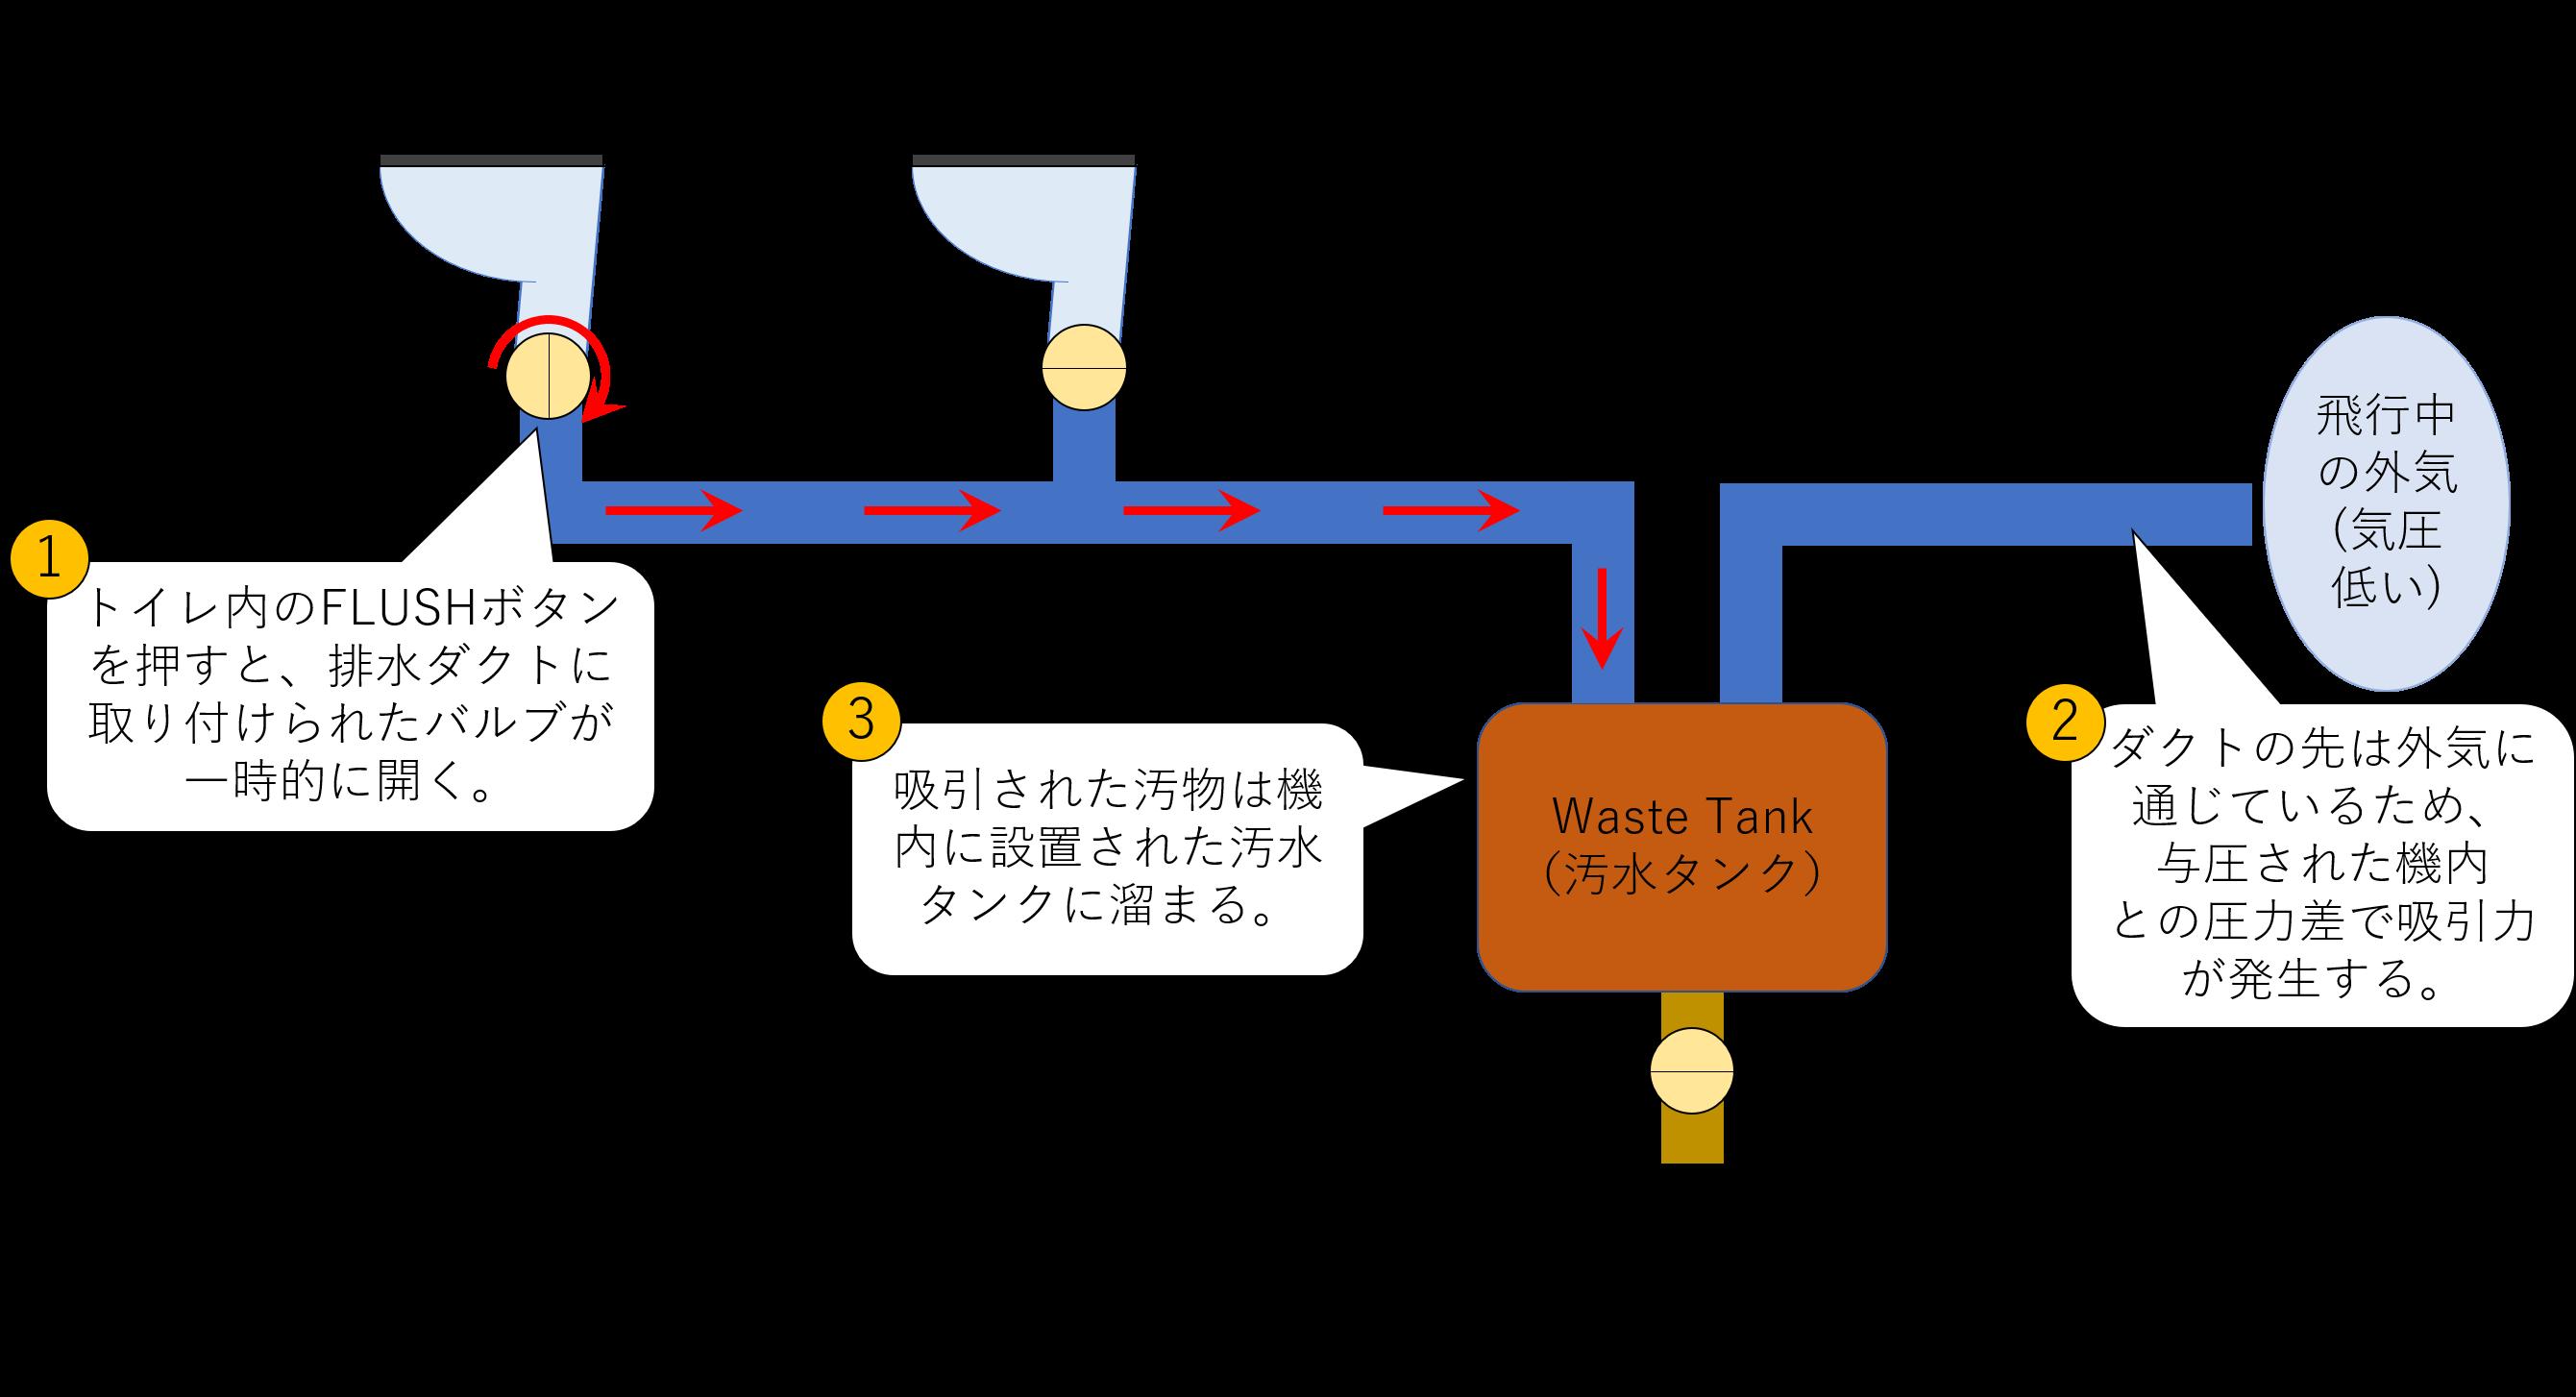 機内トイレの仕組み概略図